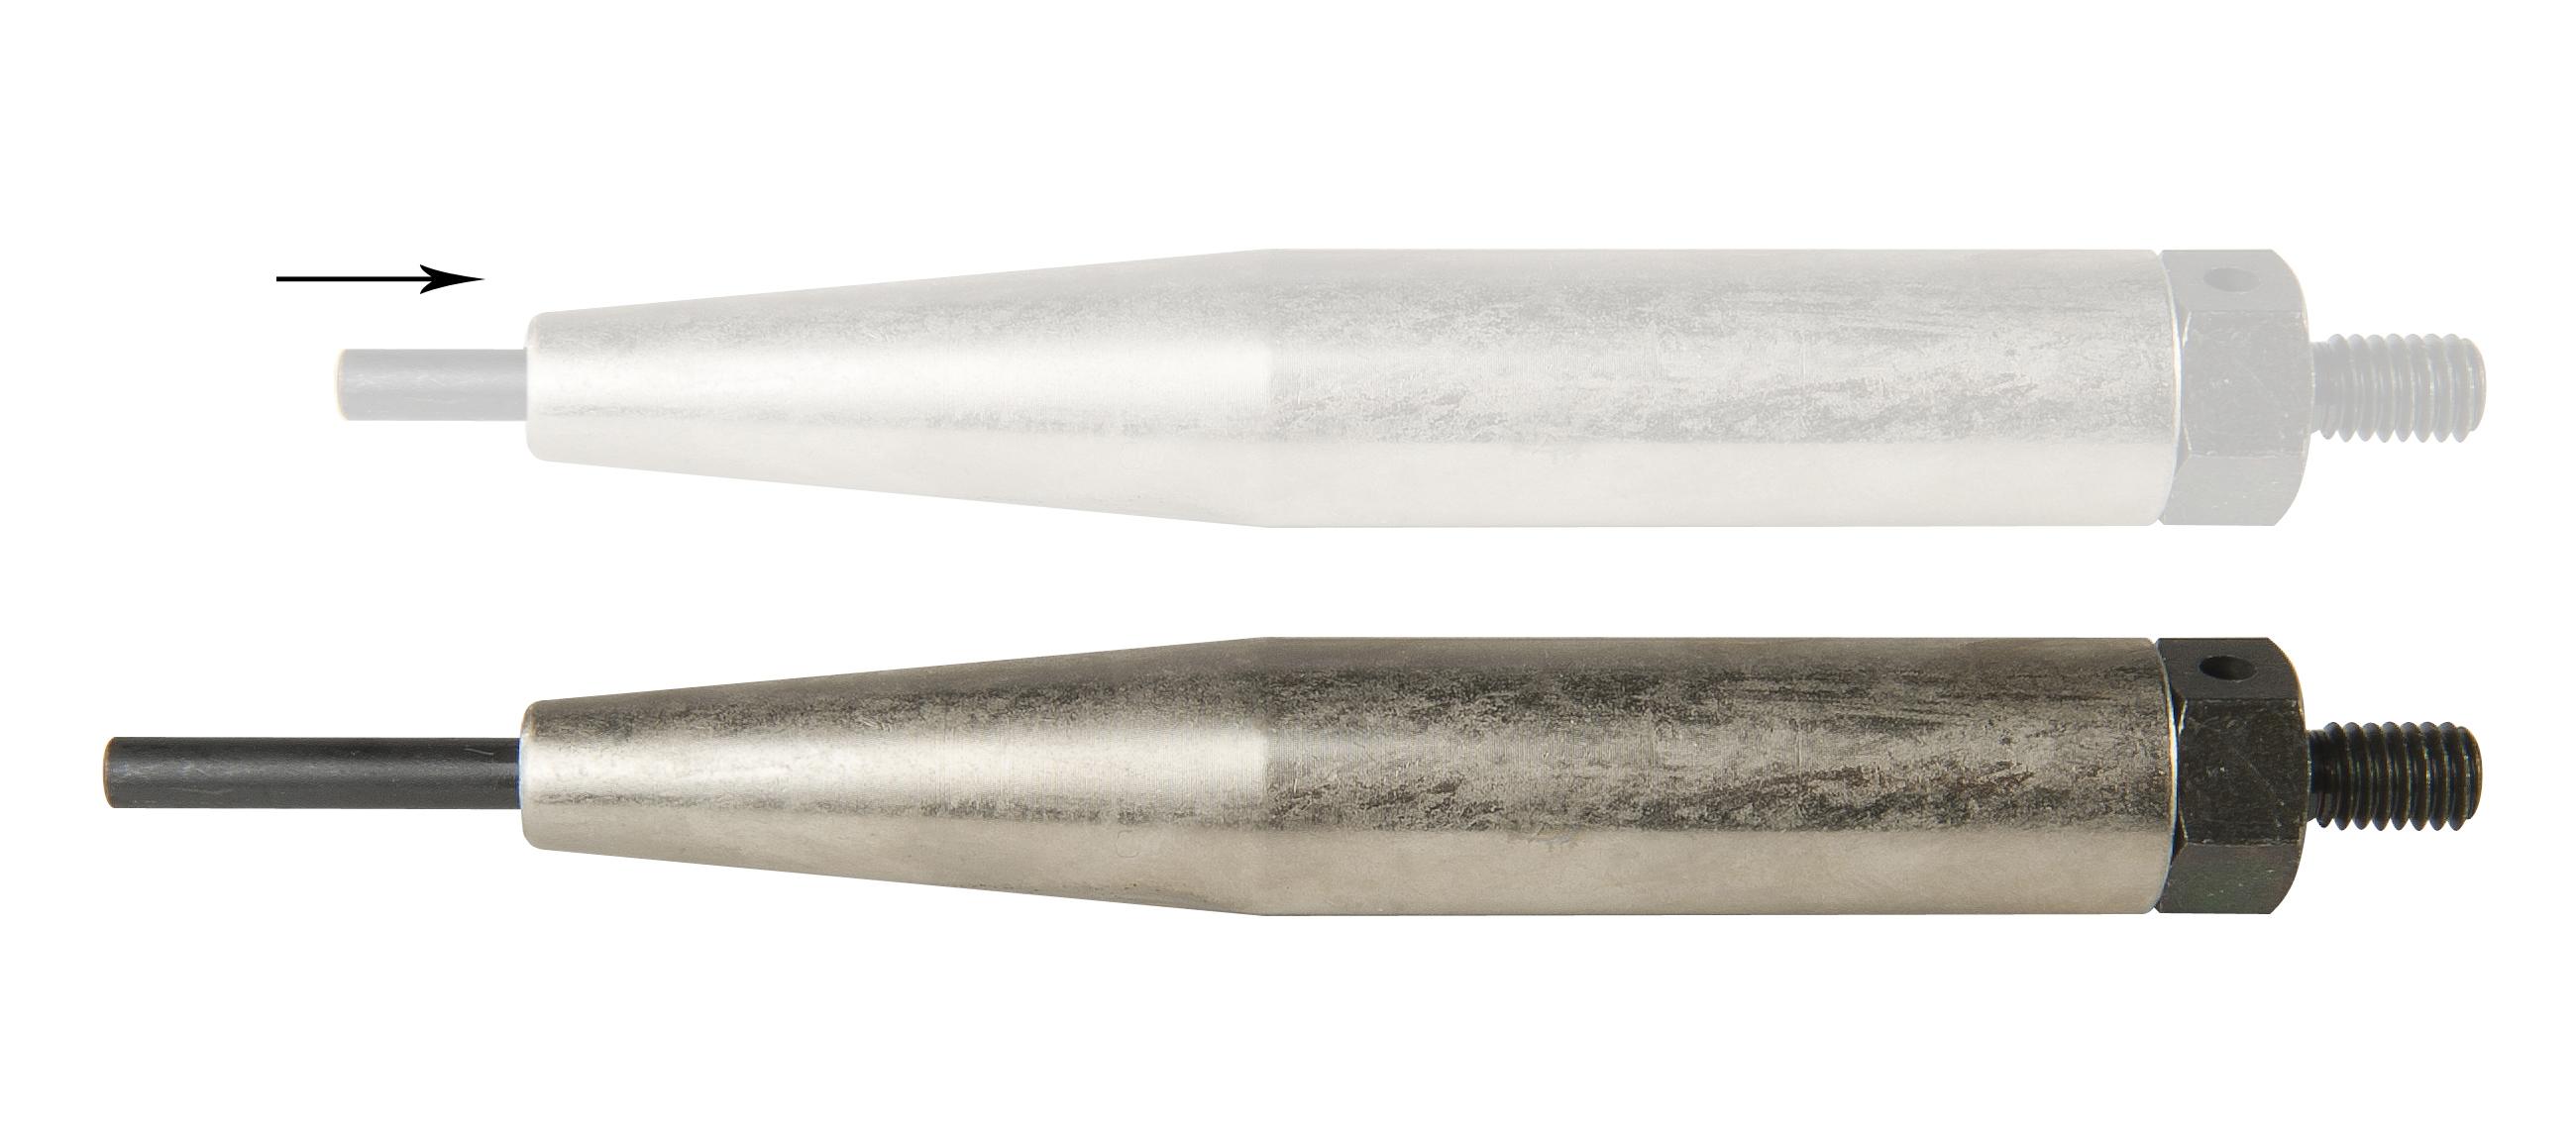 258-onderuitbreekpen D = 15 mm met geharde huls en geharde stift 4 mm